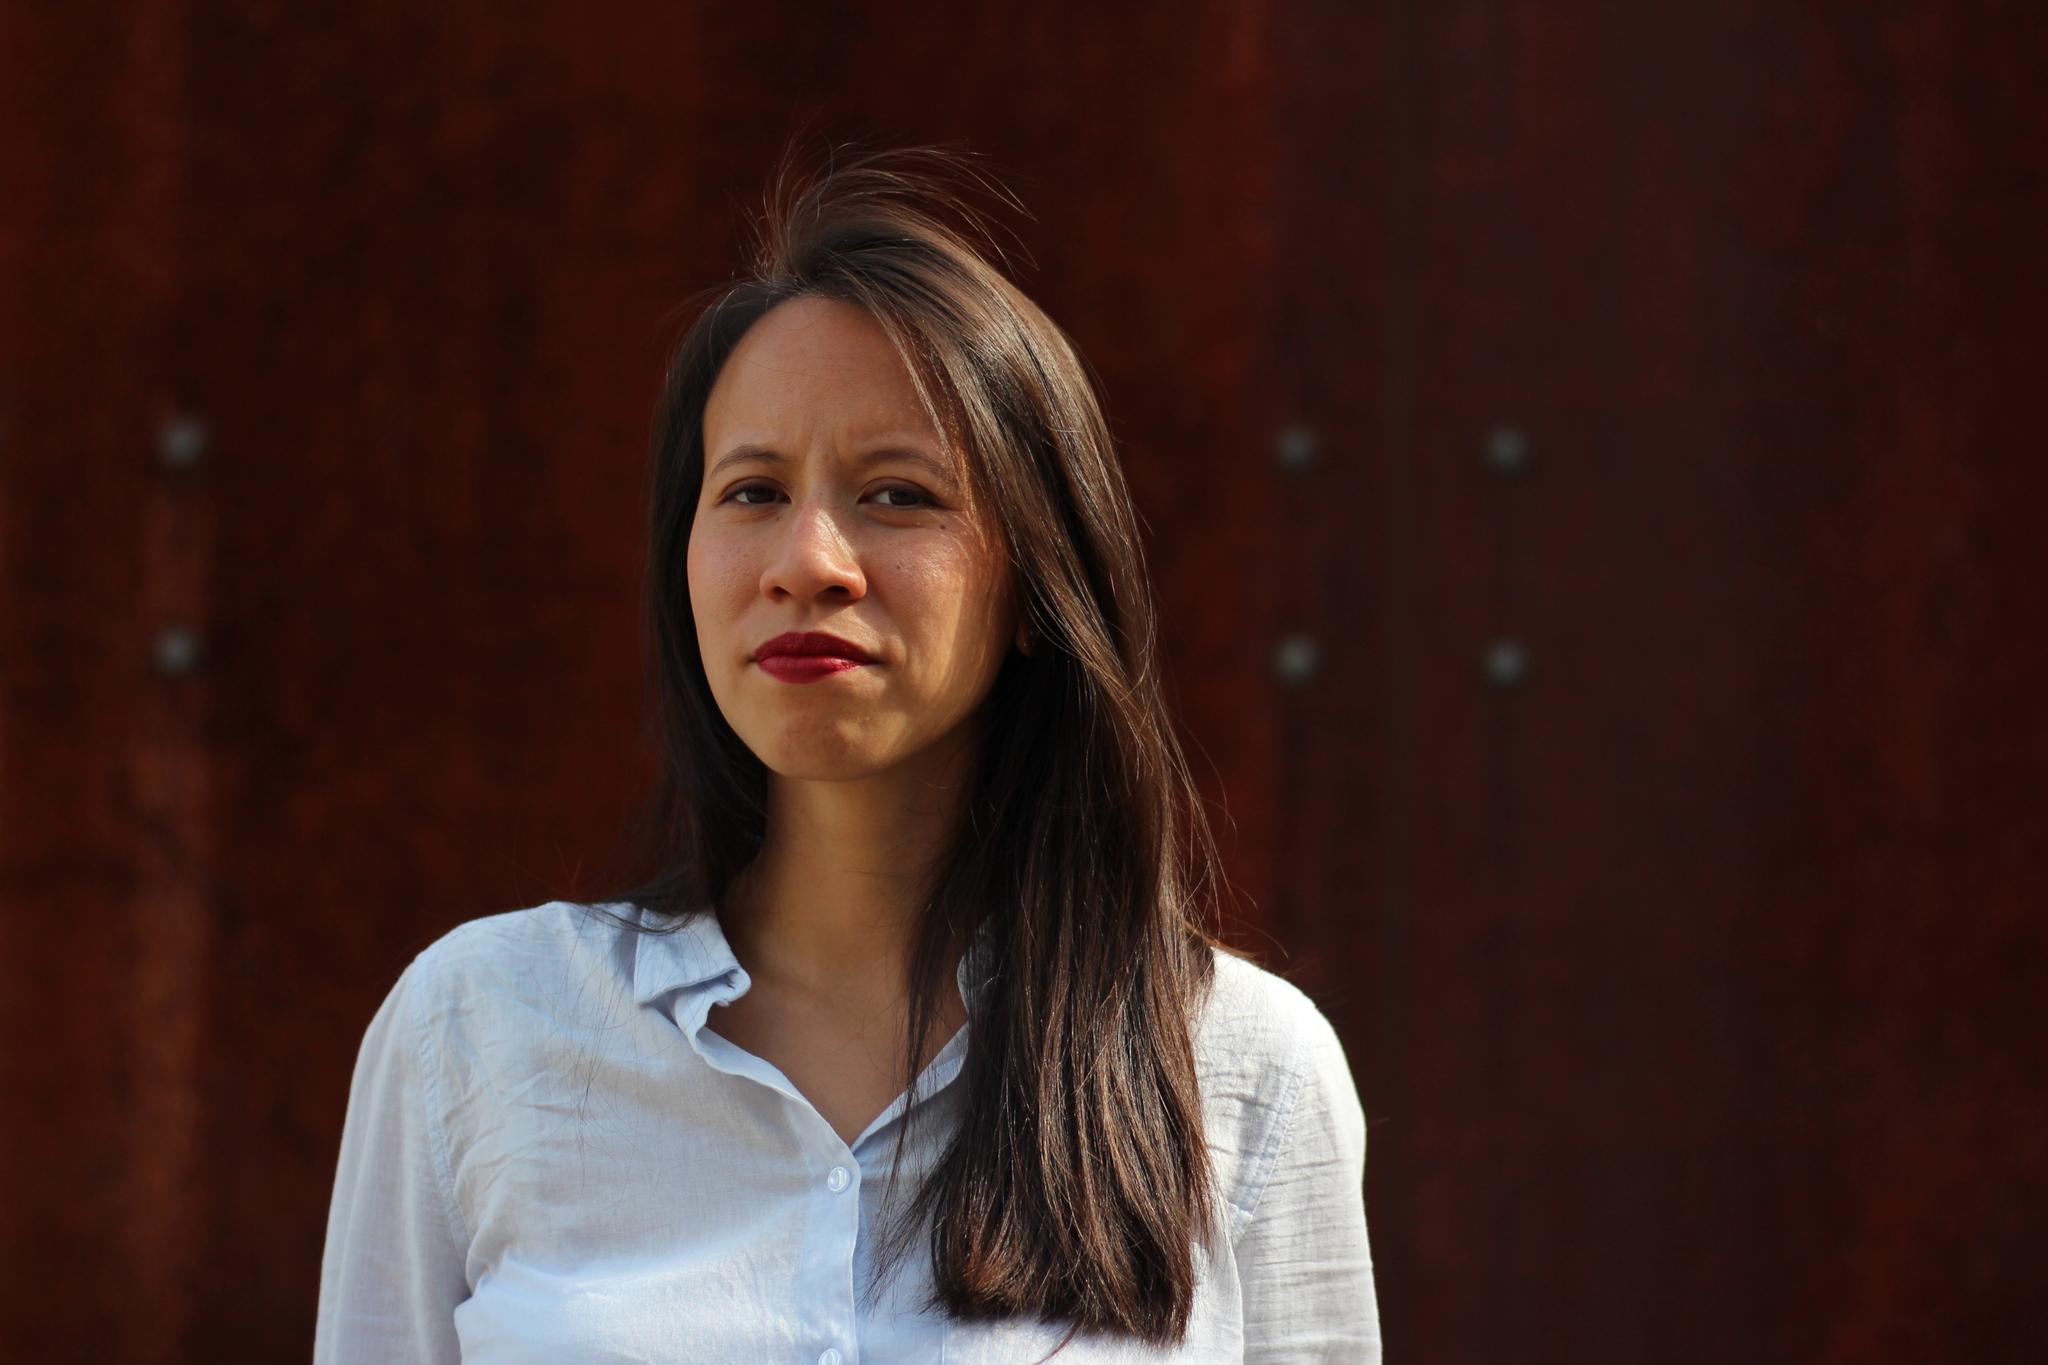 Auf dem Foto ist vor dunkelrotem Hintergrund die Autorin Thuy-An Nguyen zu sehen.